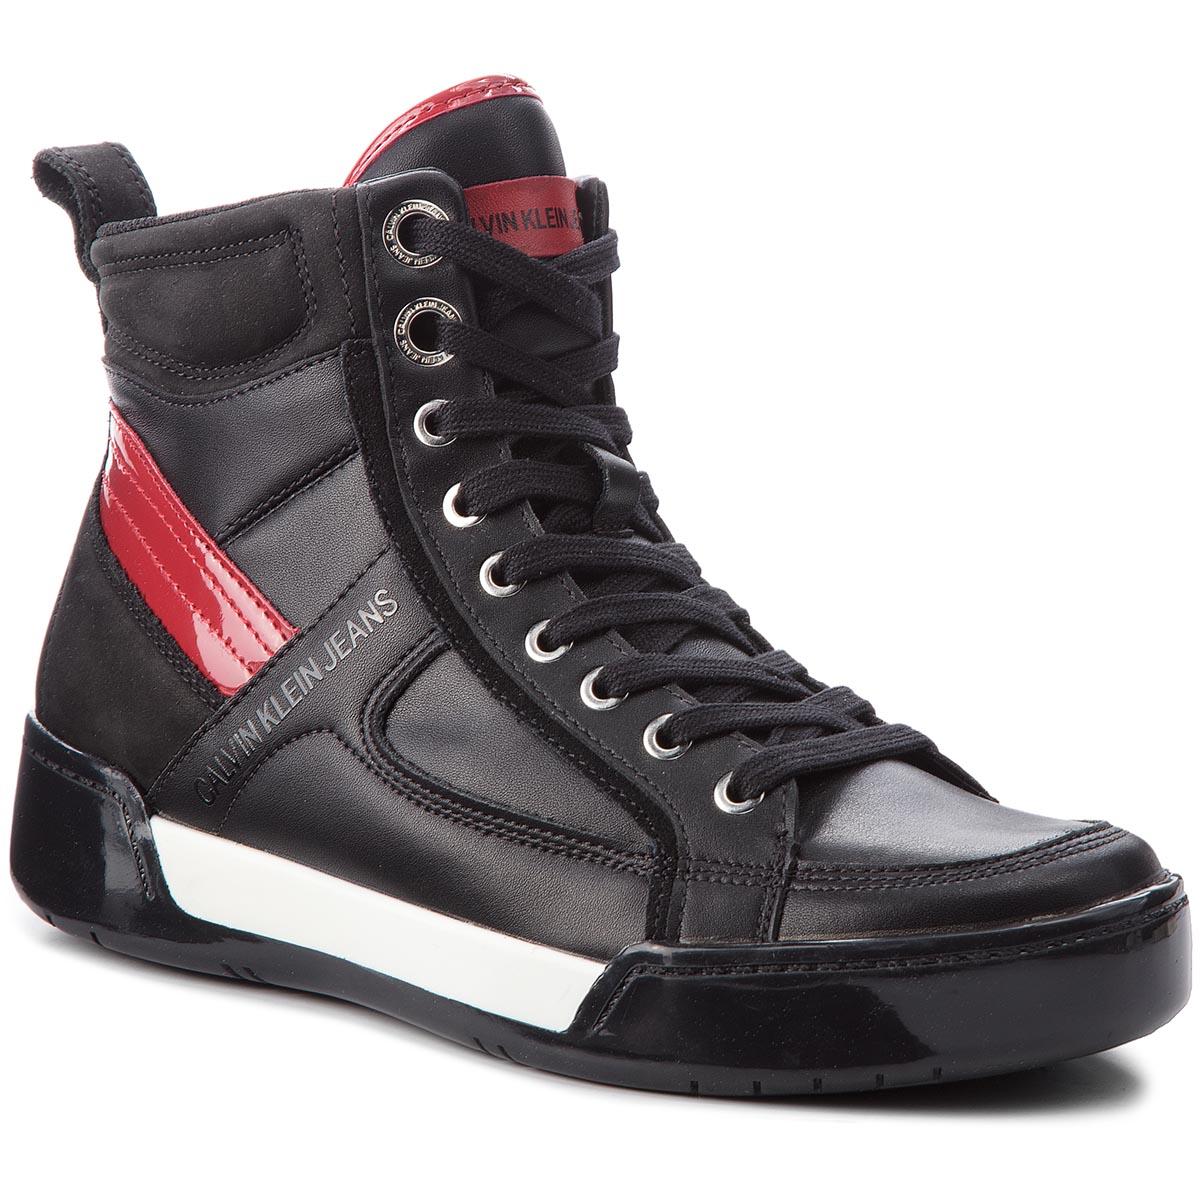 Image of Sneakers CALVIN KLEIN JEANS - Nicola S1774 Black/Black/Scarlet